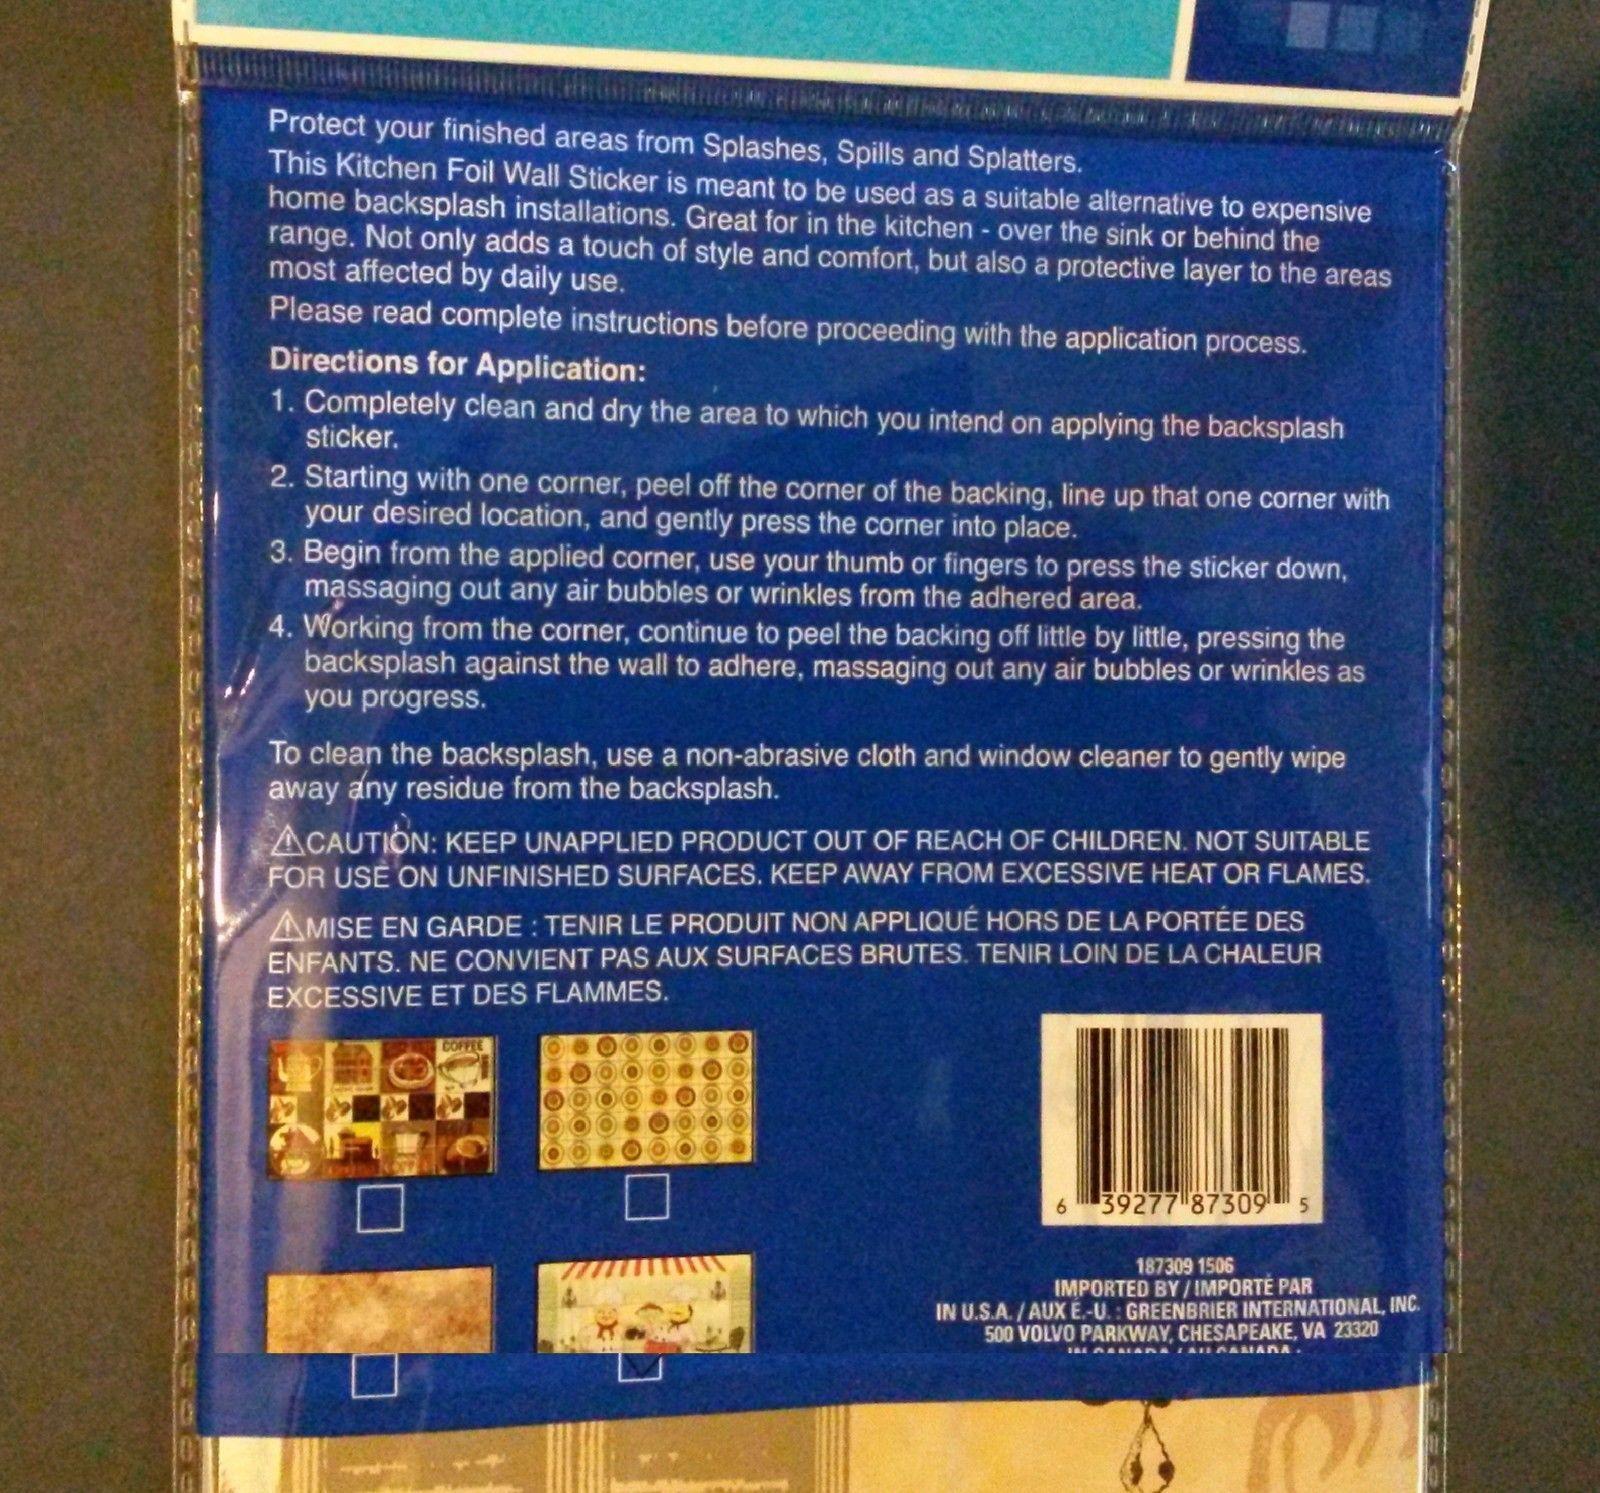 FAT CHEF BACKSPLASH Foil Wall Sticker Decal 30x18 NEW